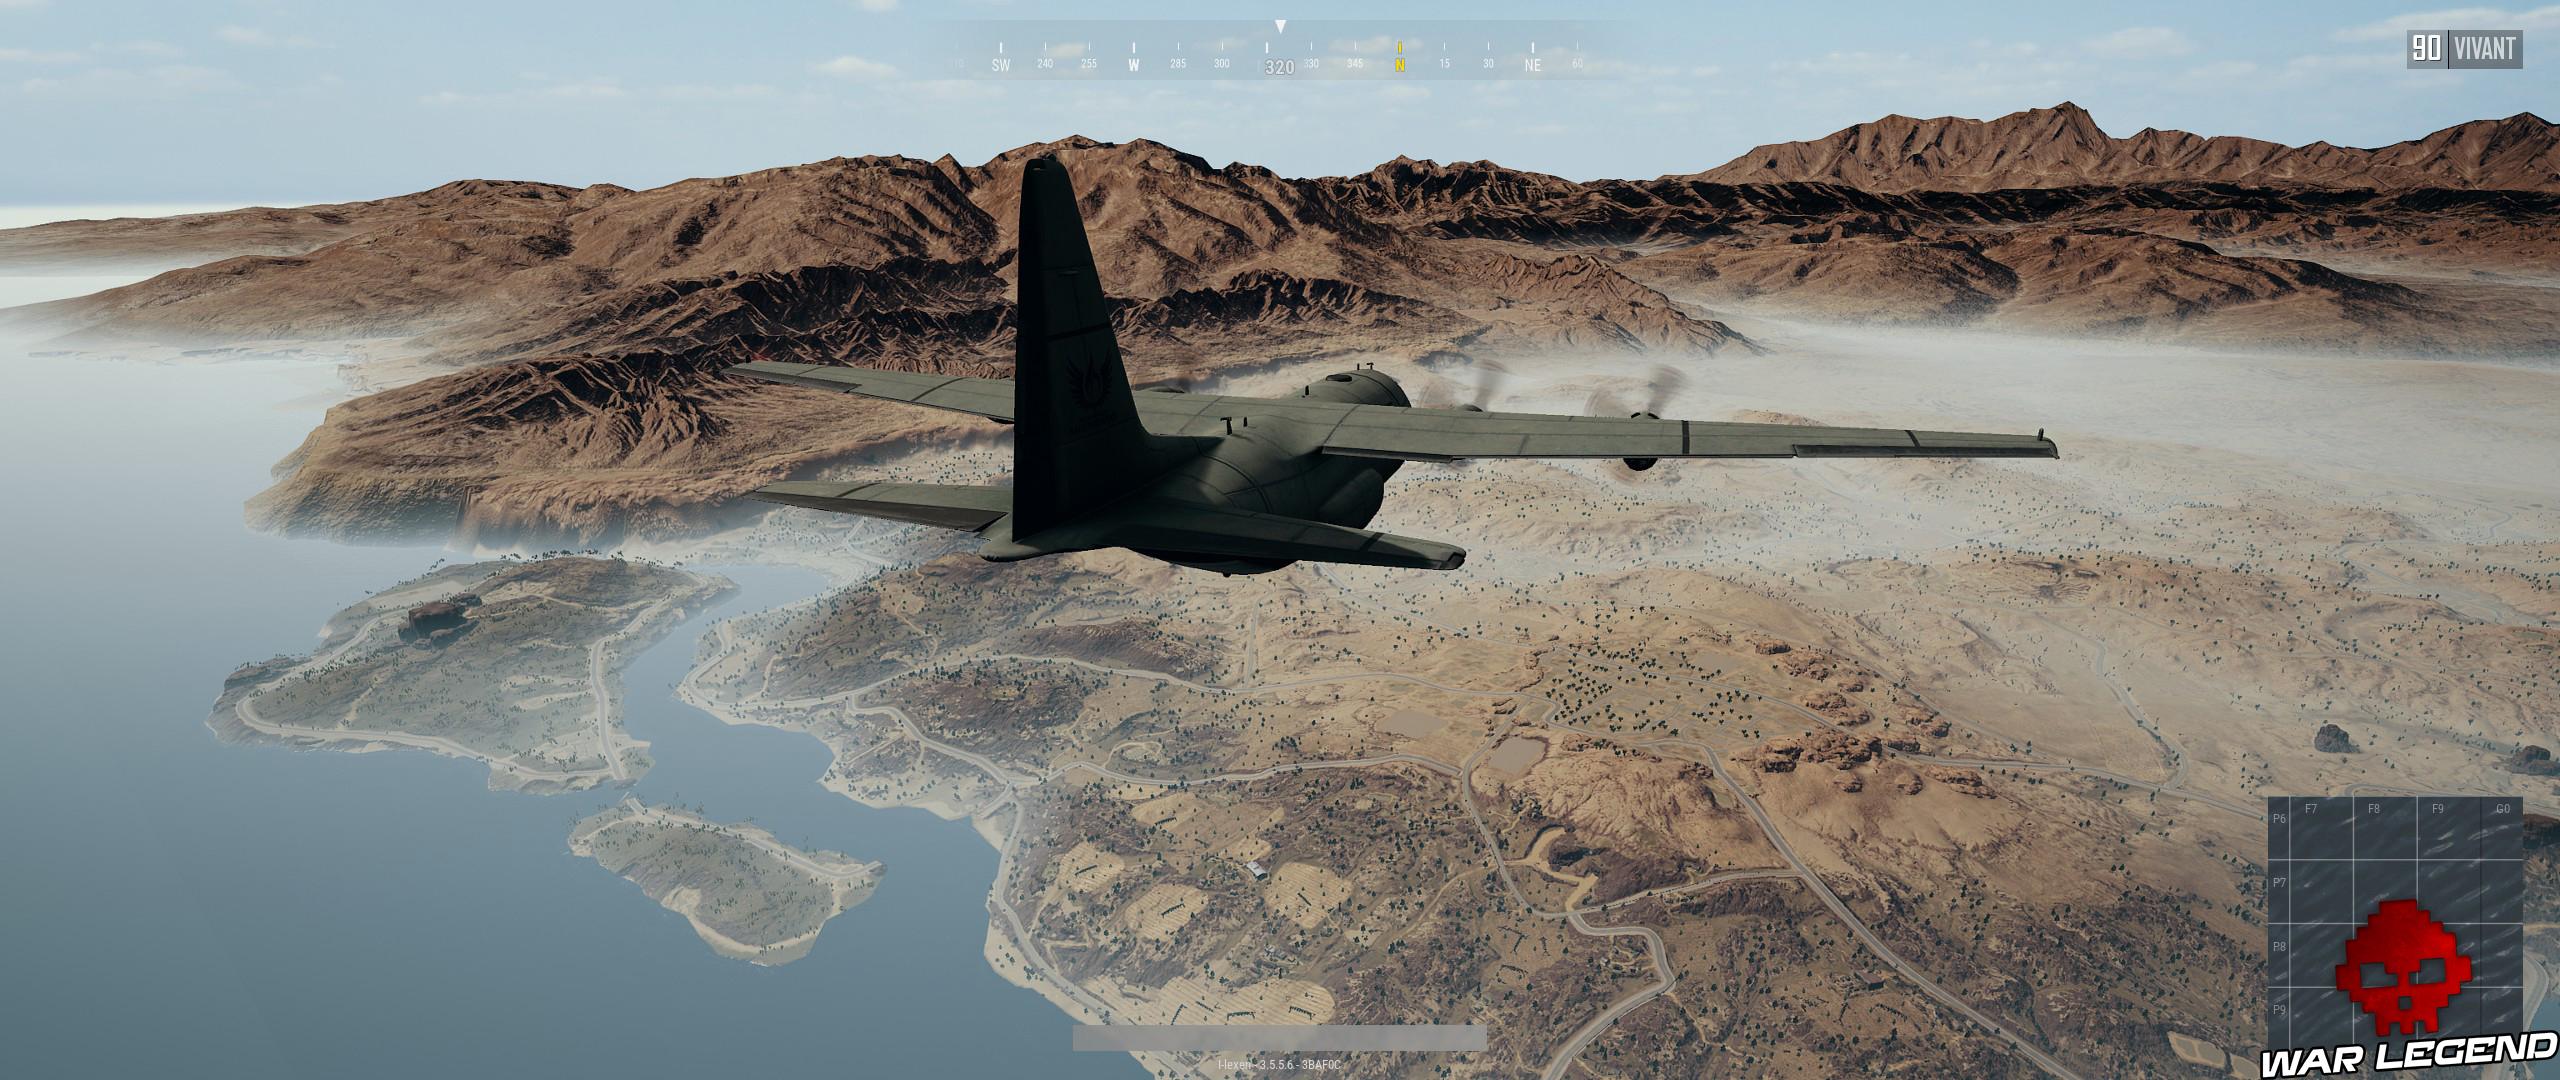 Avions survolant la carte de Miramar PUBG